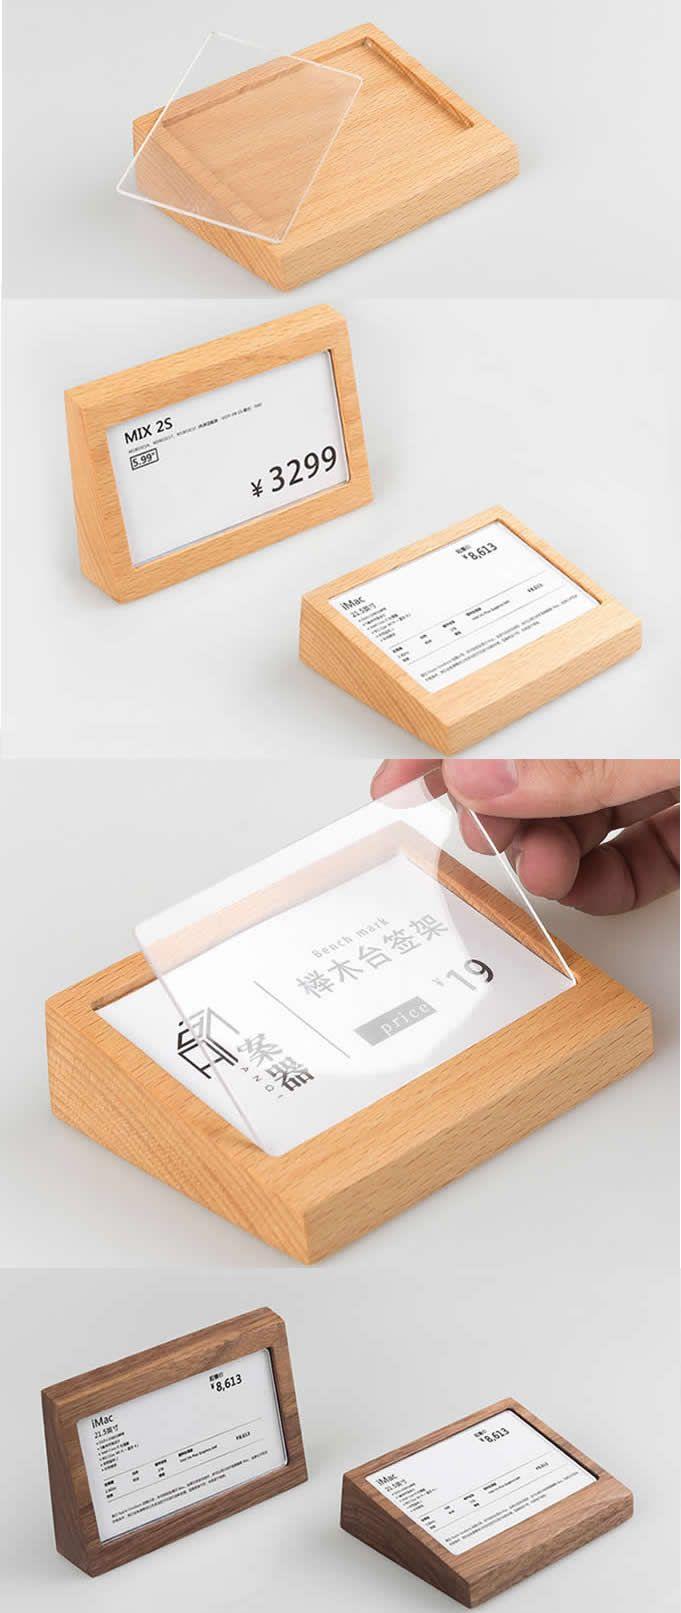 Wooden Wood Desk Business Card Holder Case Rack Desktop Display